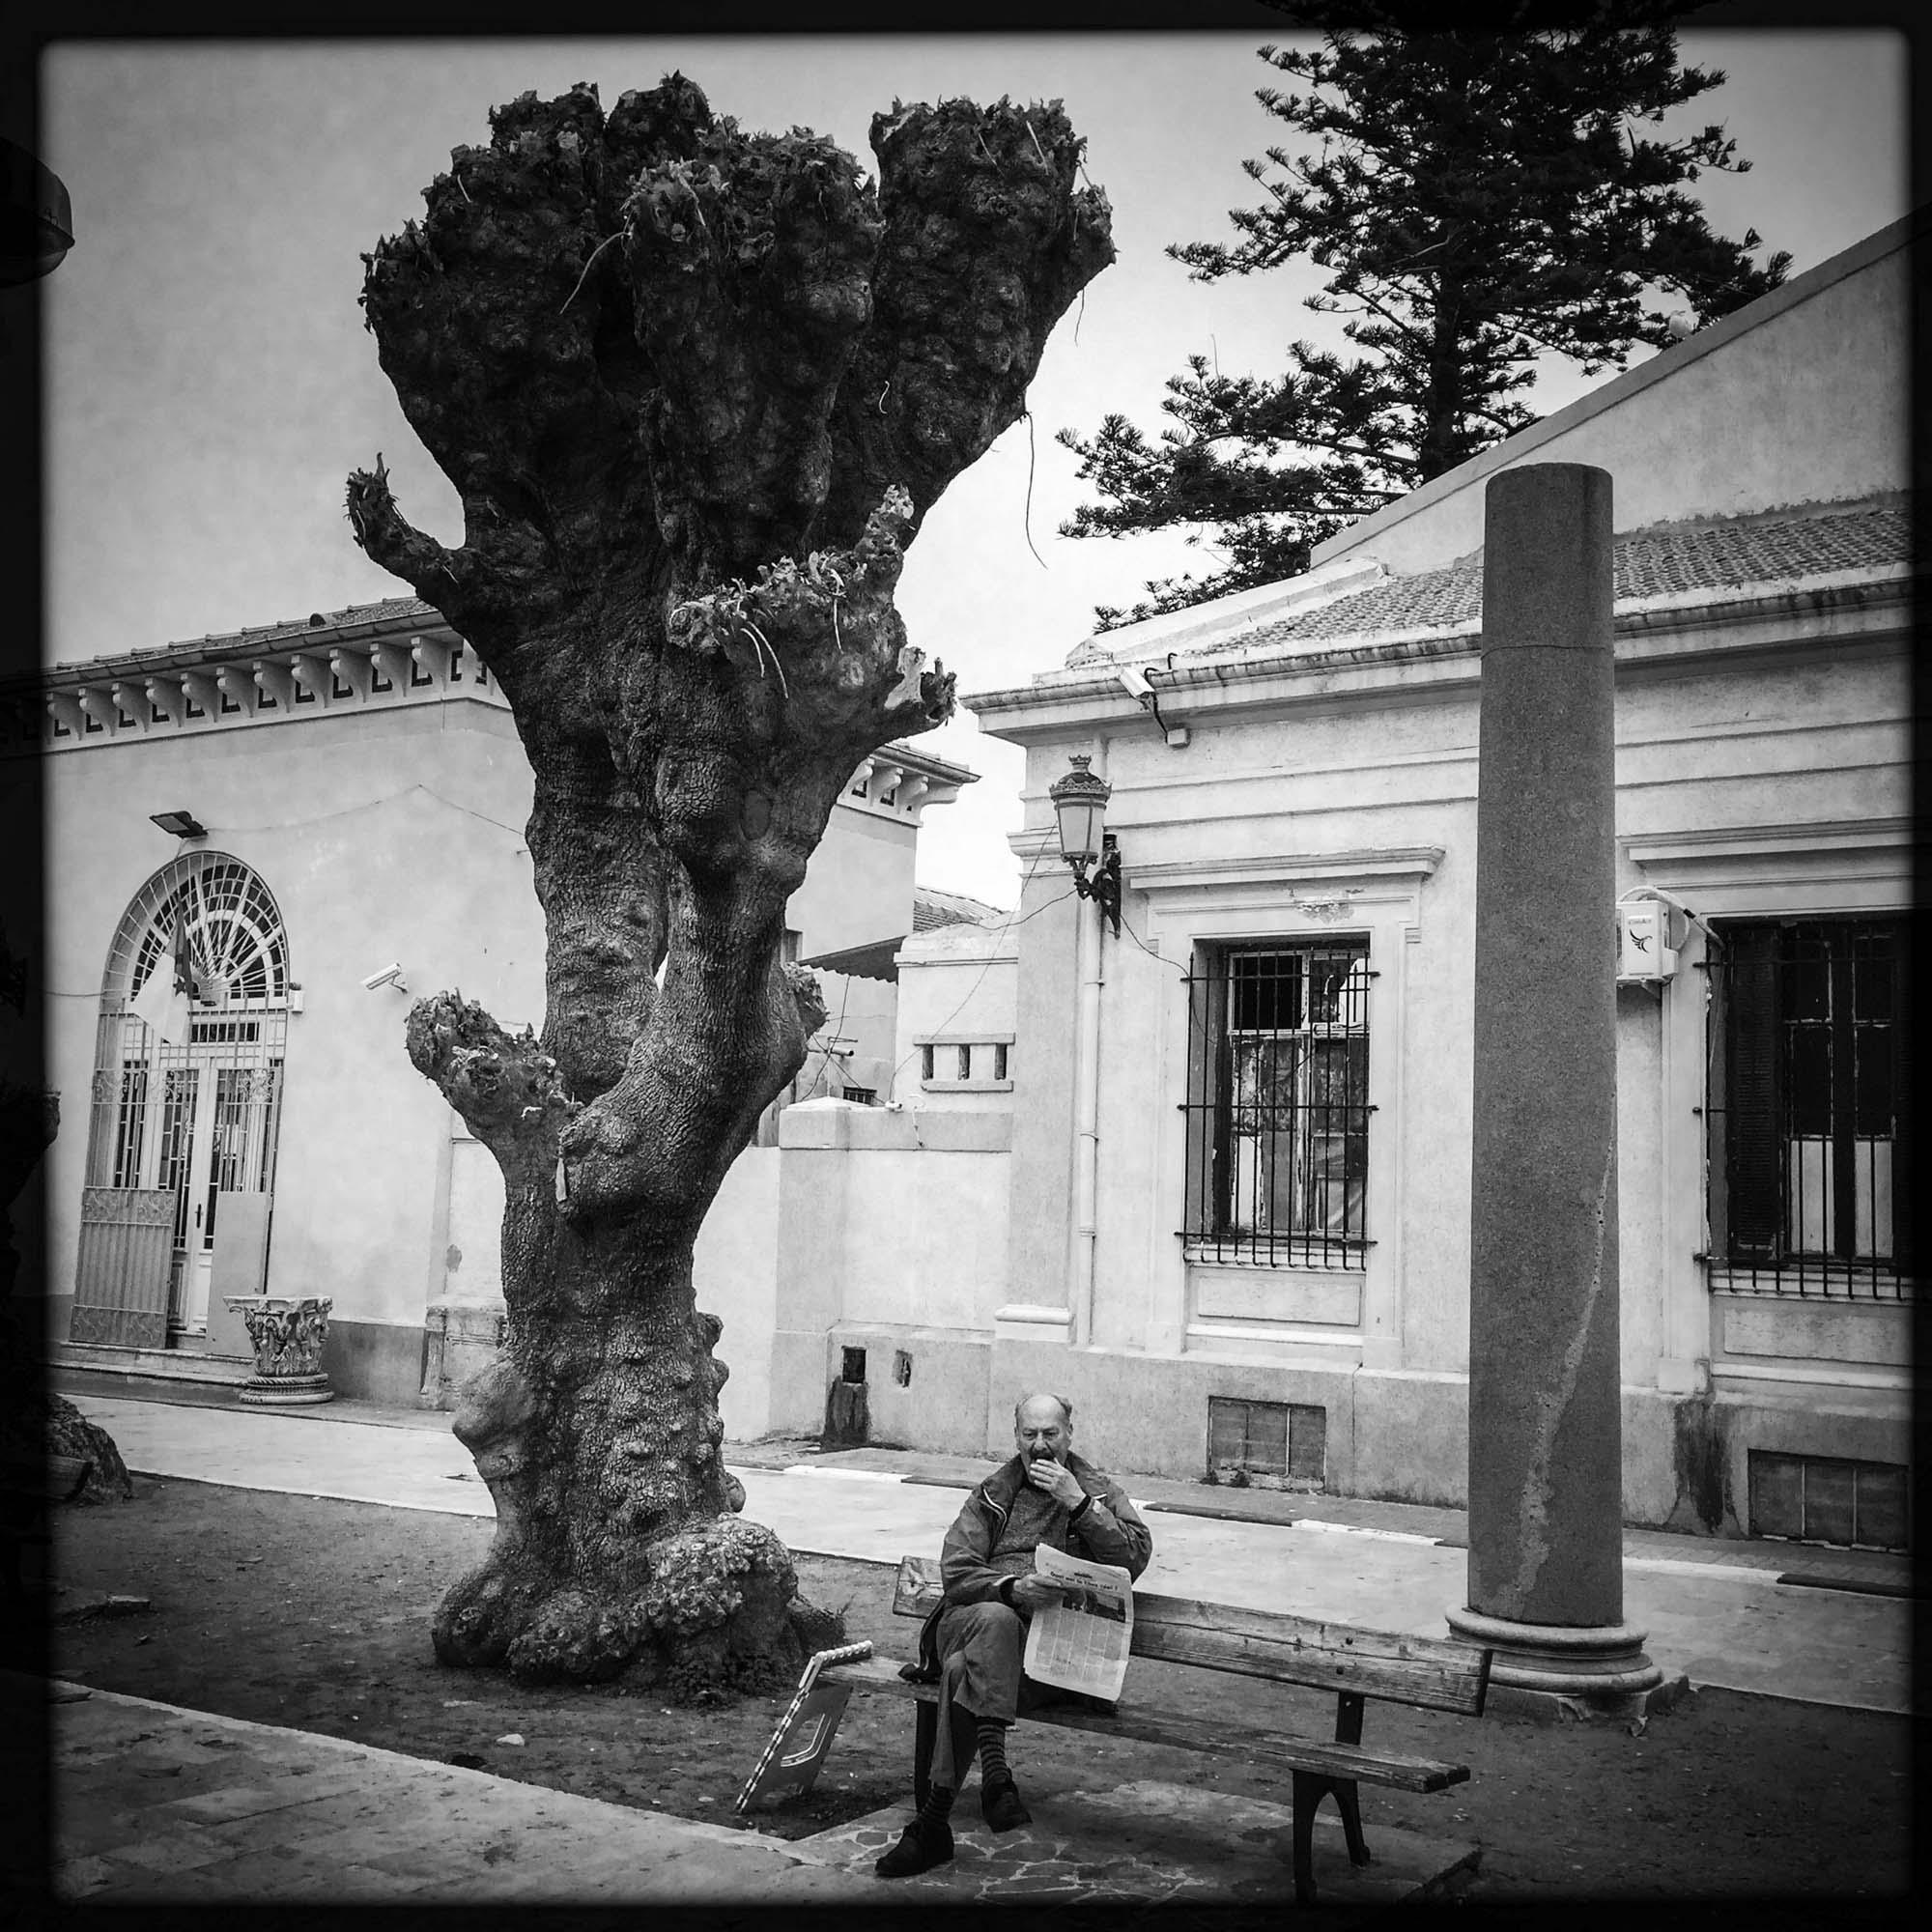 Un homme assis sur un banc  dans un jardin ou l'on retrouve des vestiges Romains baille. 11/02/2016, Cherchell-ALGERIE.